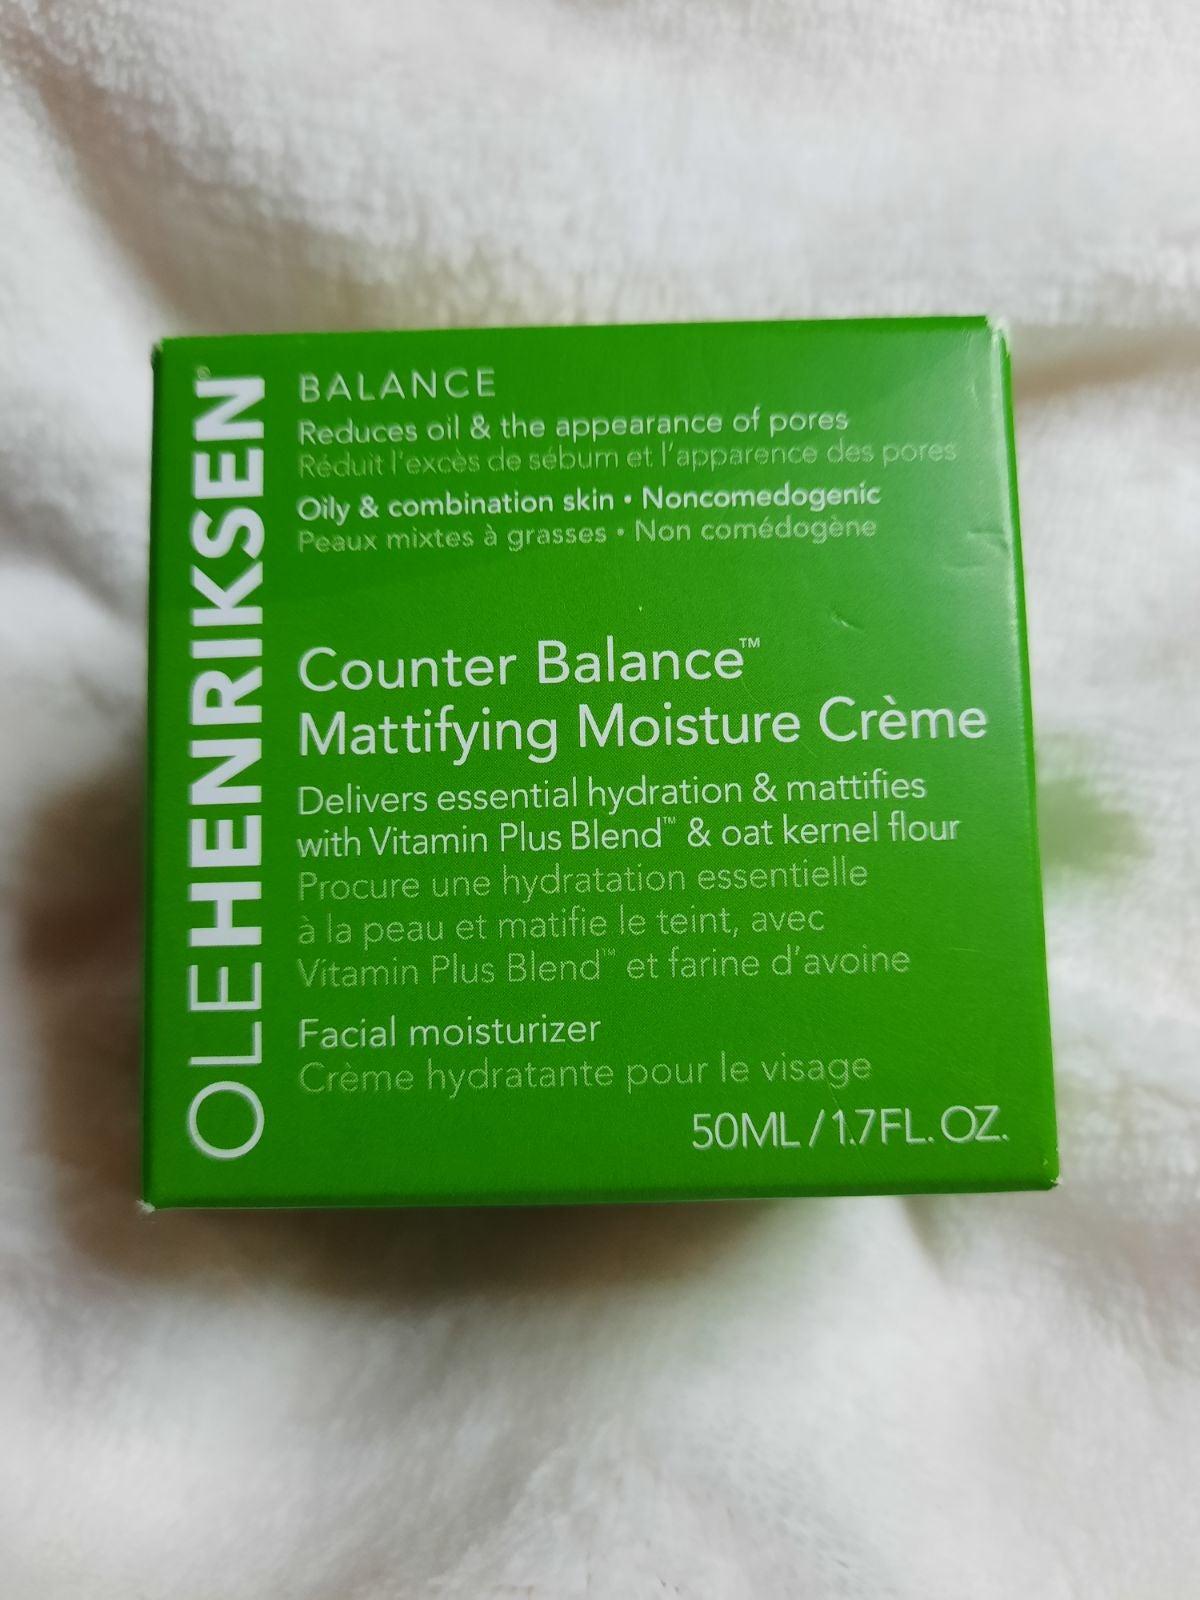 Ole Henriksen moisture creme 1.7 fl oz